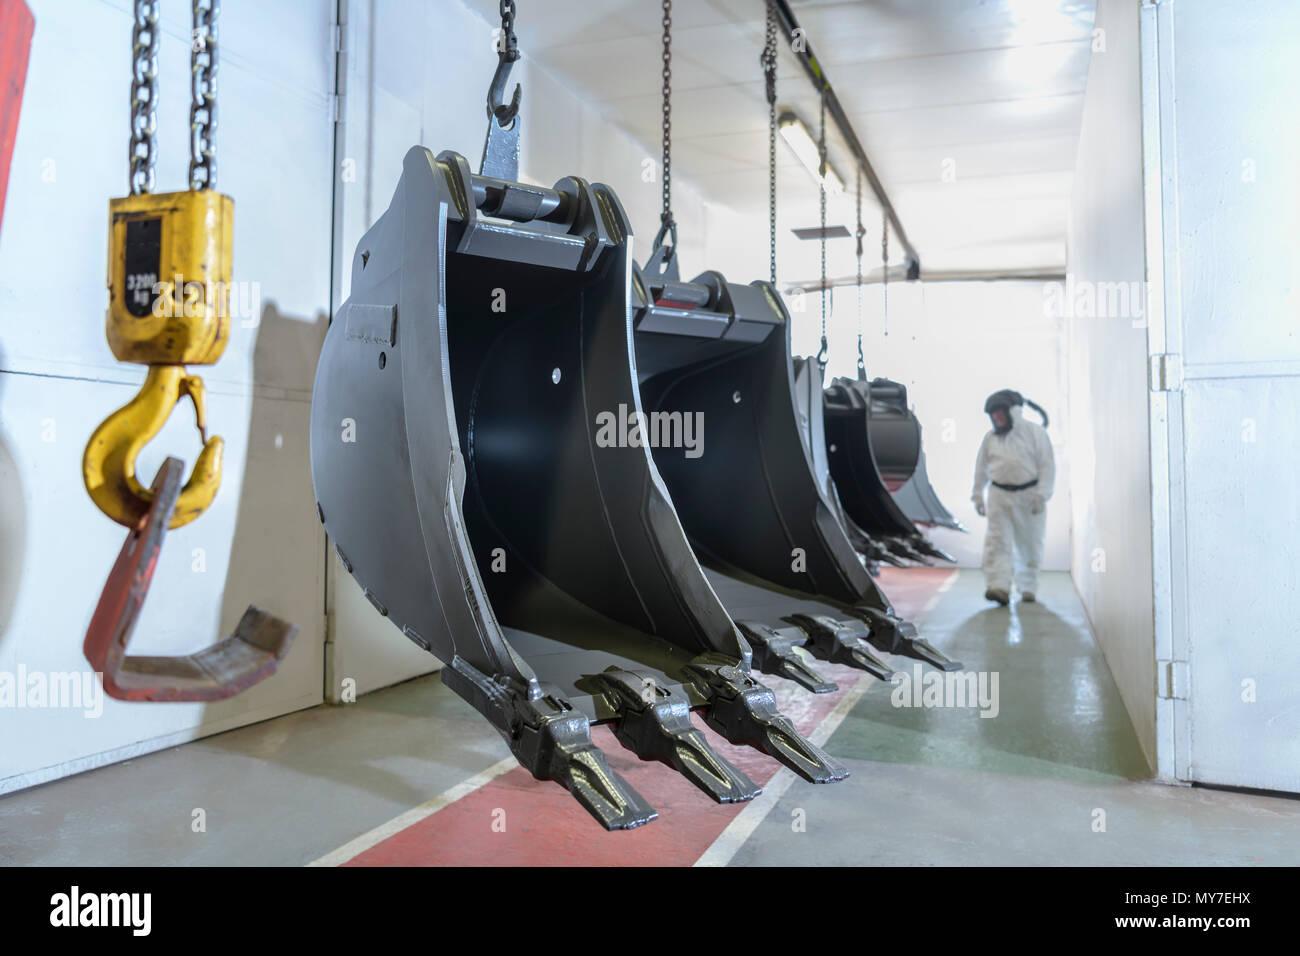 Pulverizador de pintura comprobación pintados digger baldes en fábrica de ingeniería Foto de stock